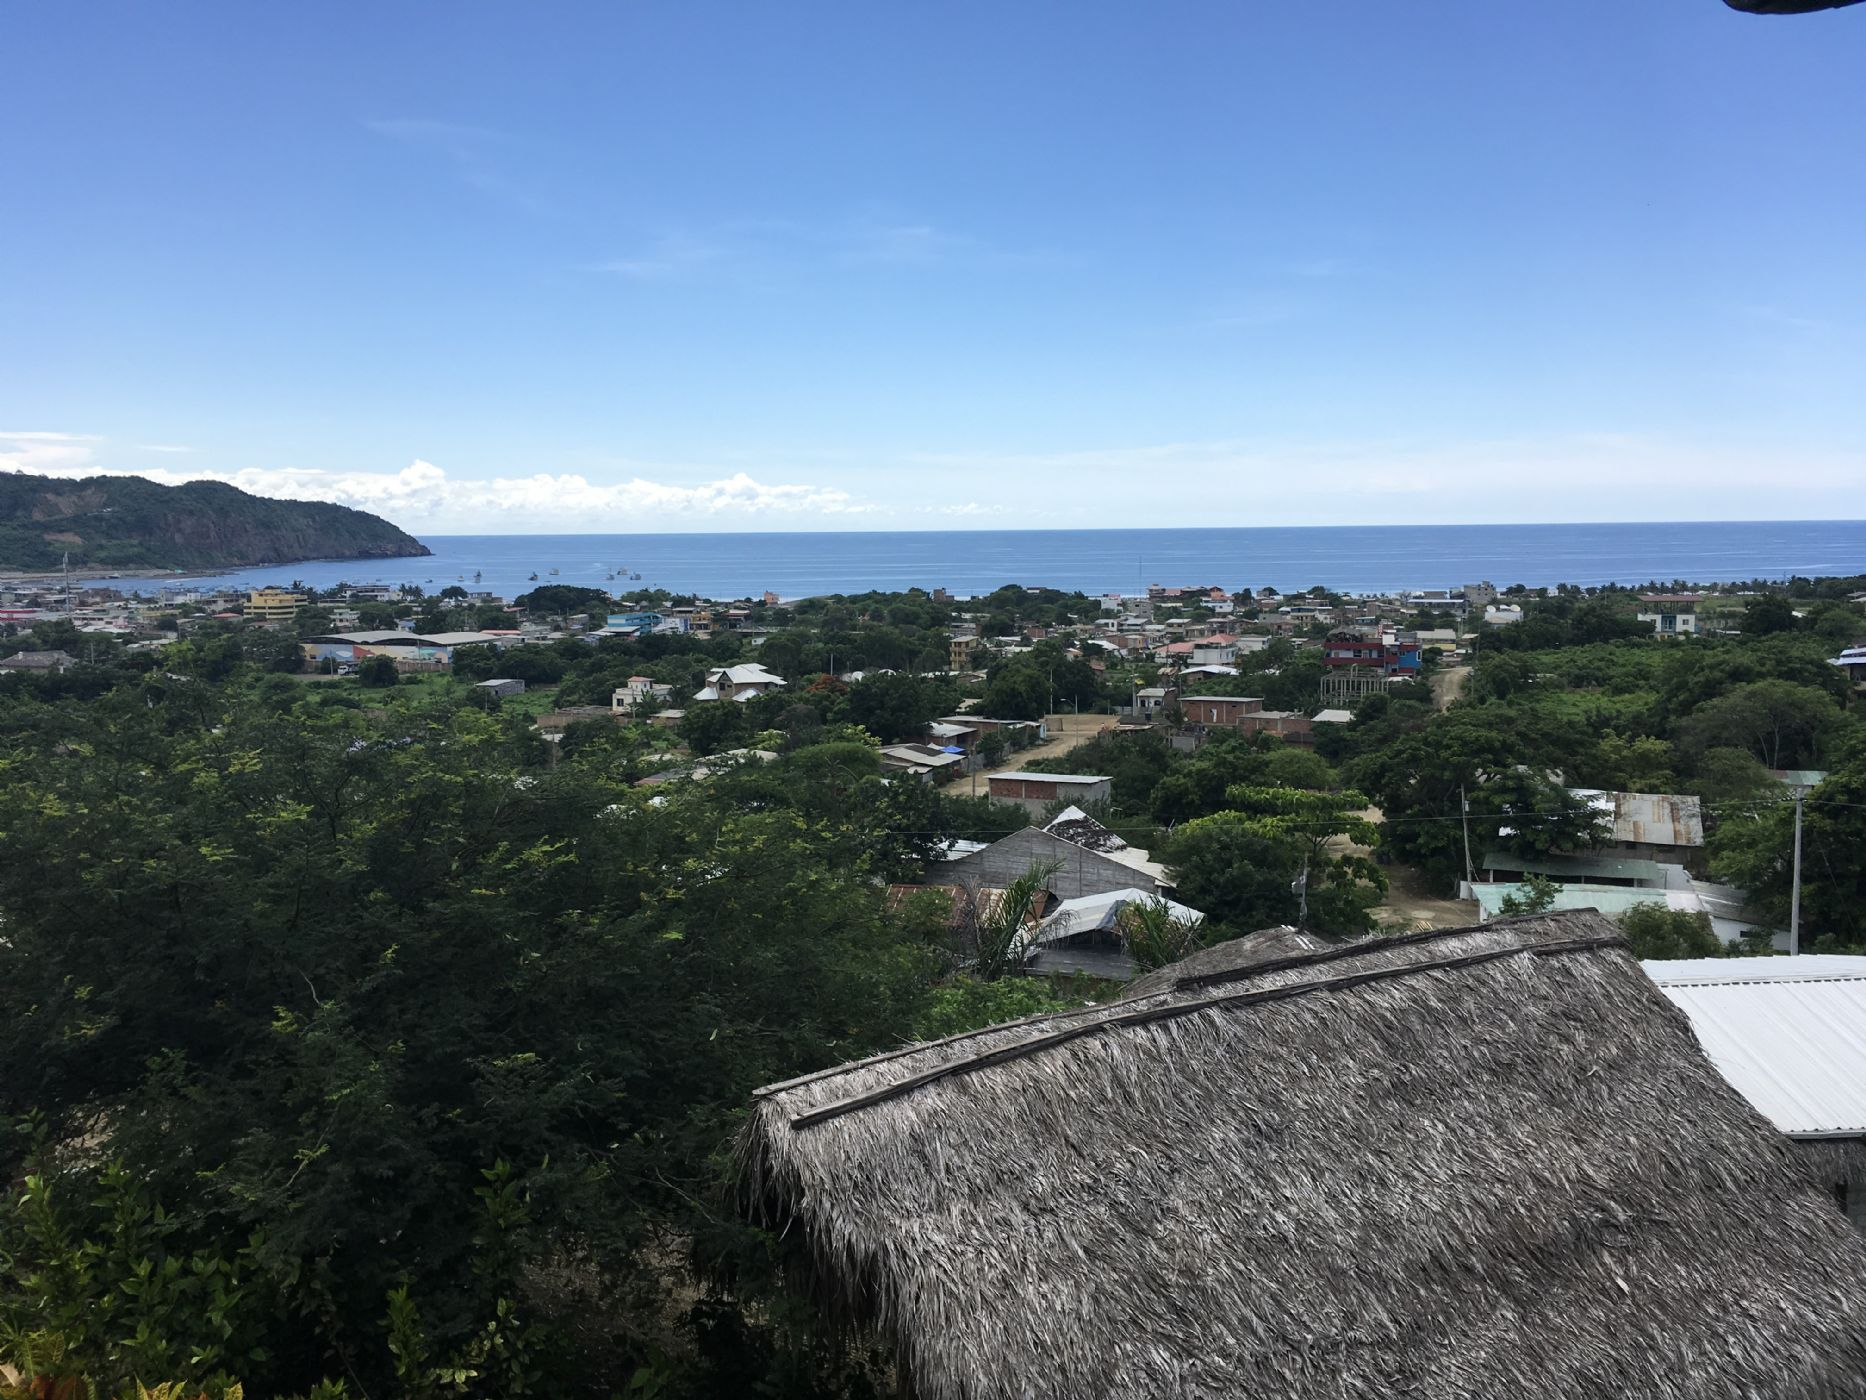 Puerto-Lopez-Ecuador-property-500544-6.JPG